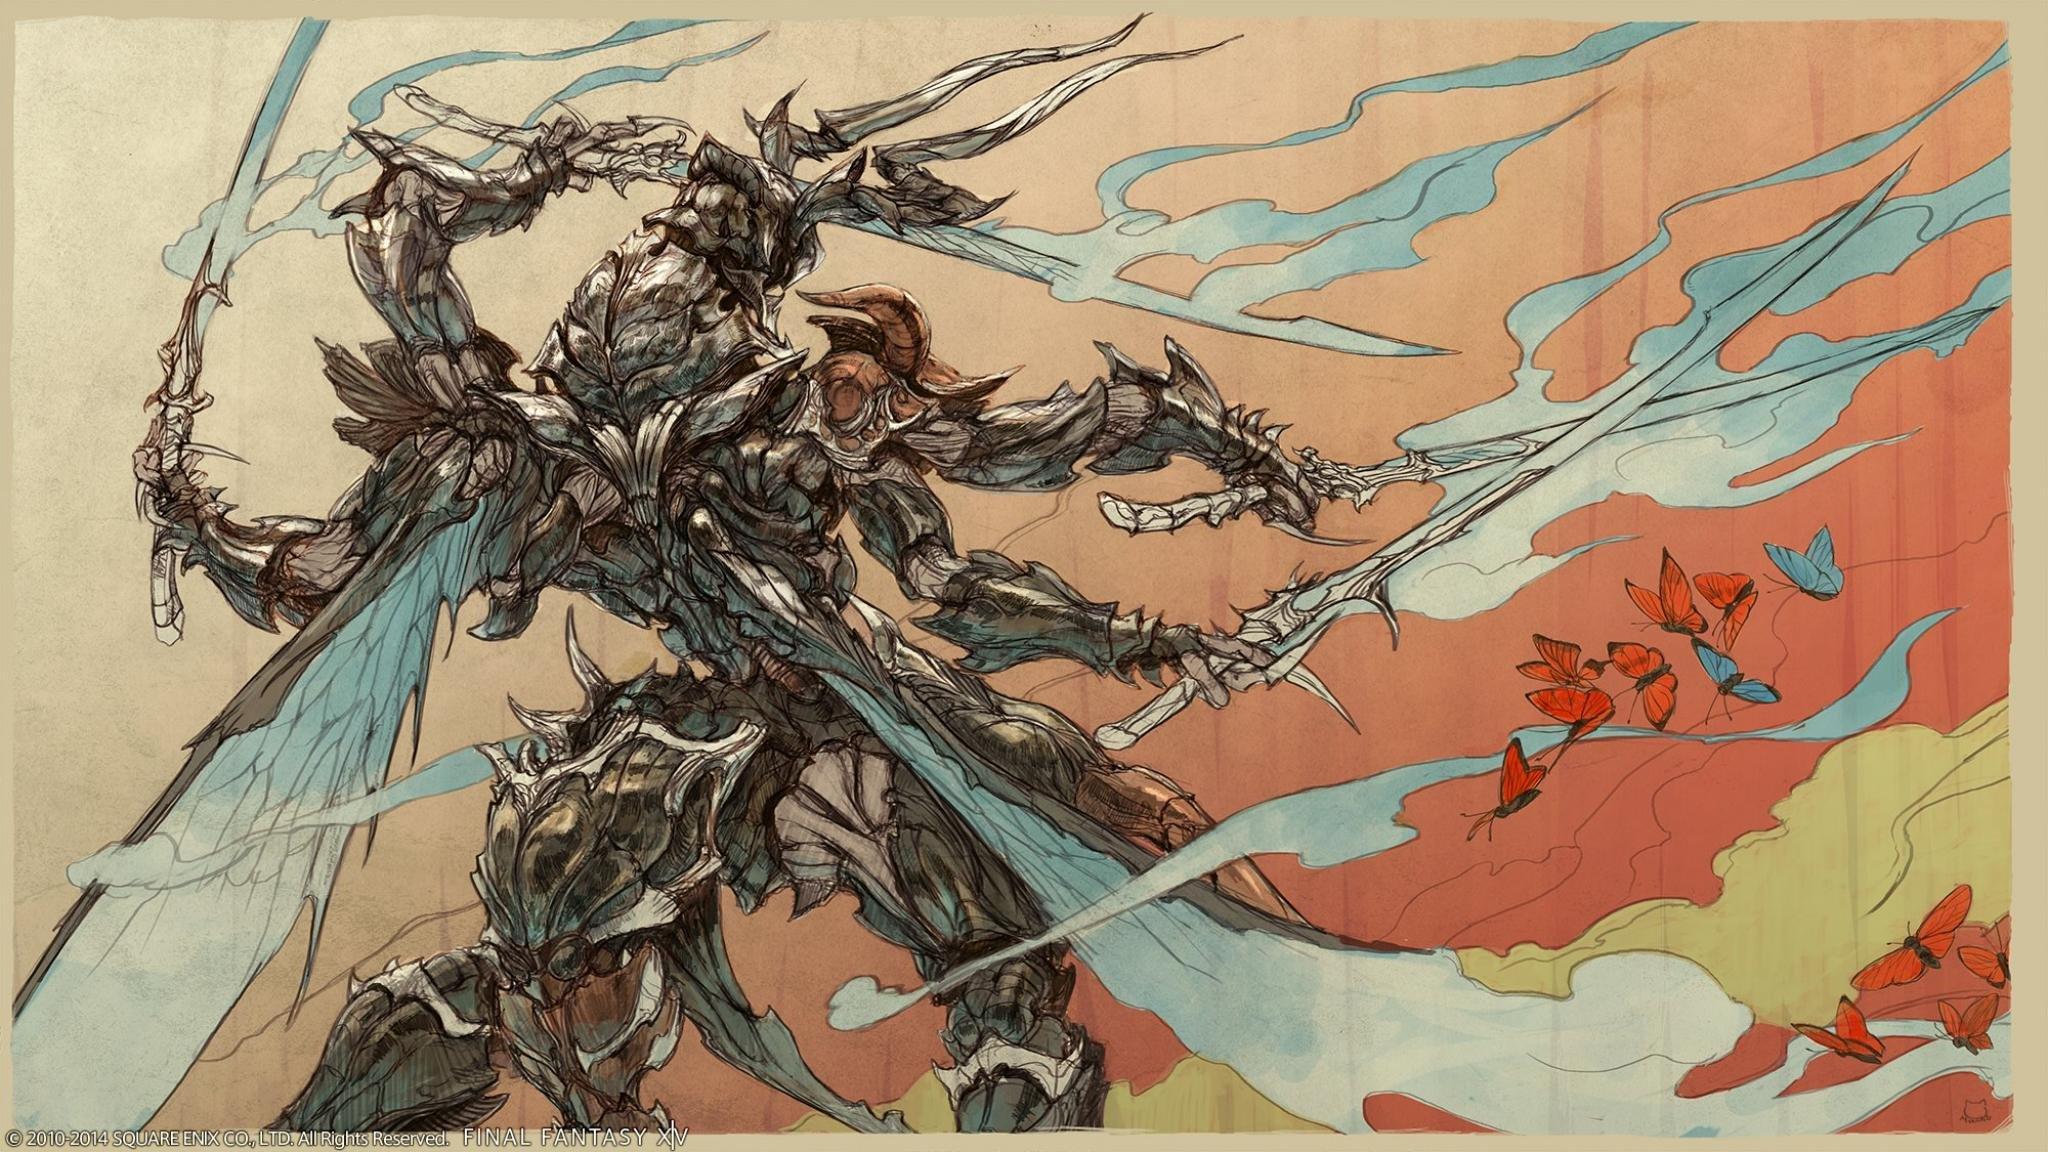 Download Hd 2048x1152 Final Fantasy Xiv Ff14 A Realm Reborn